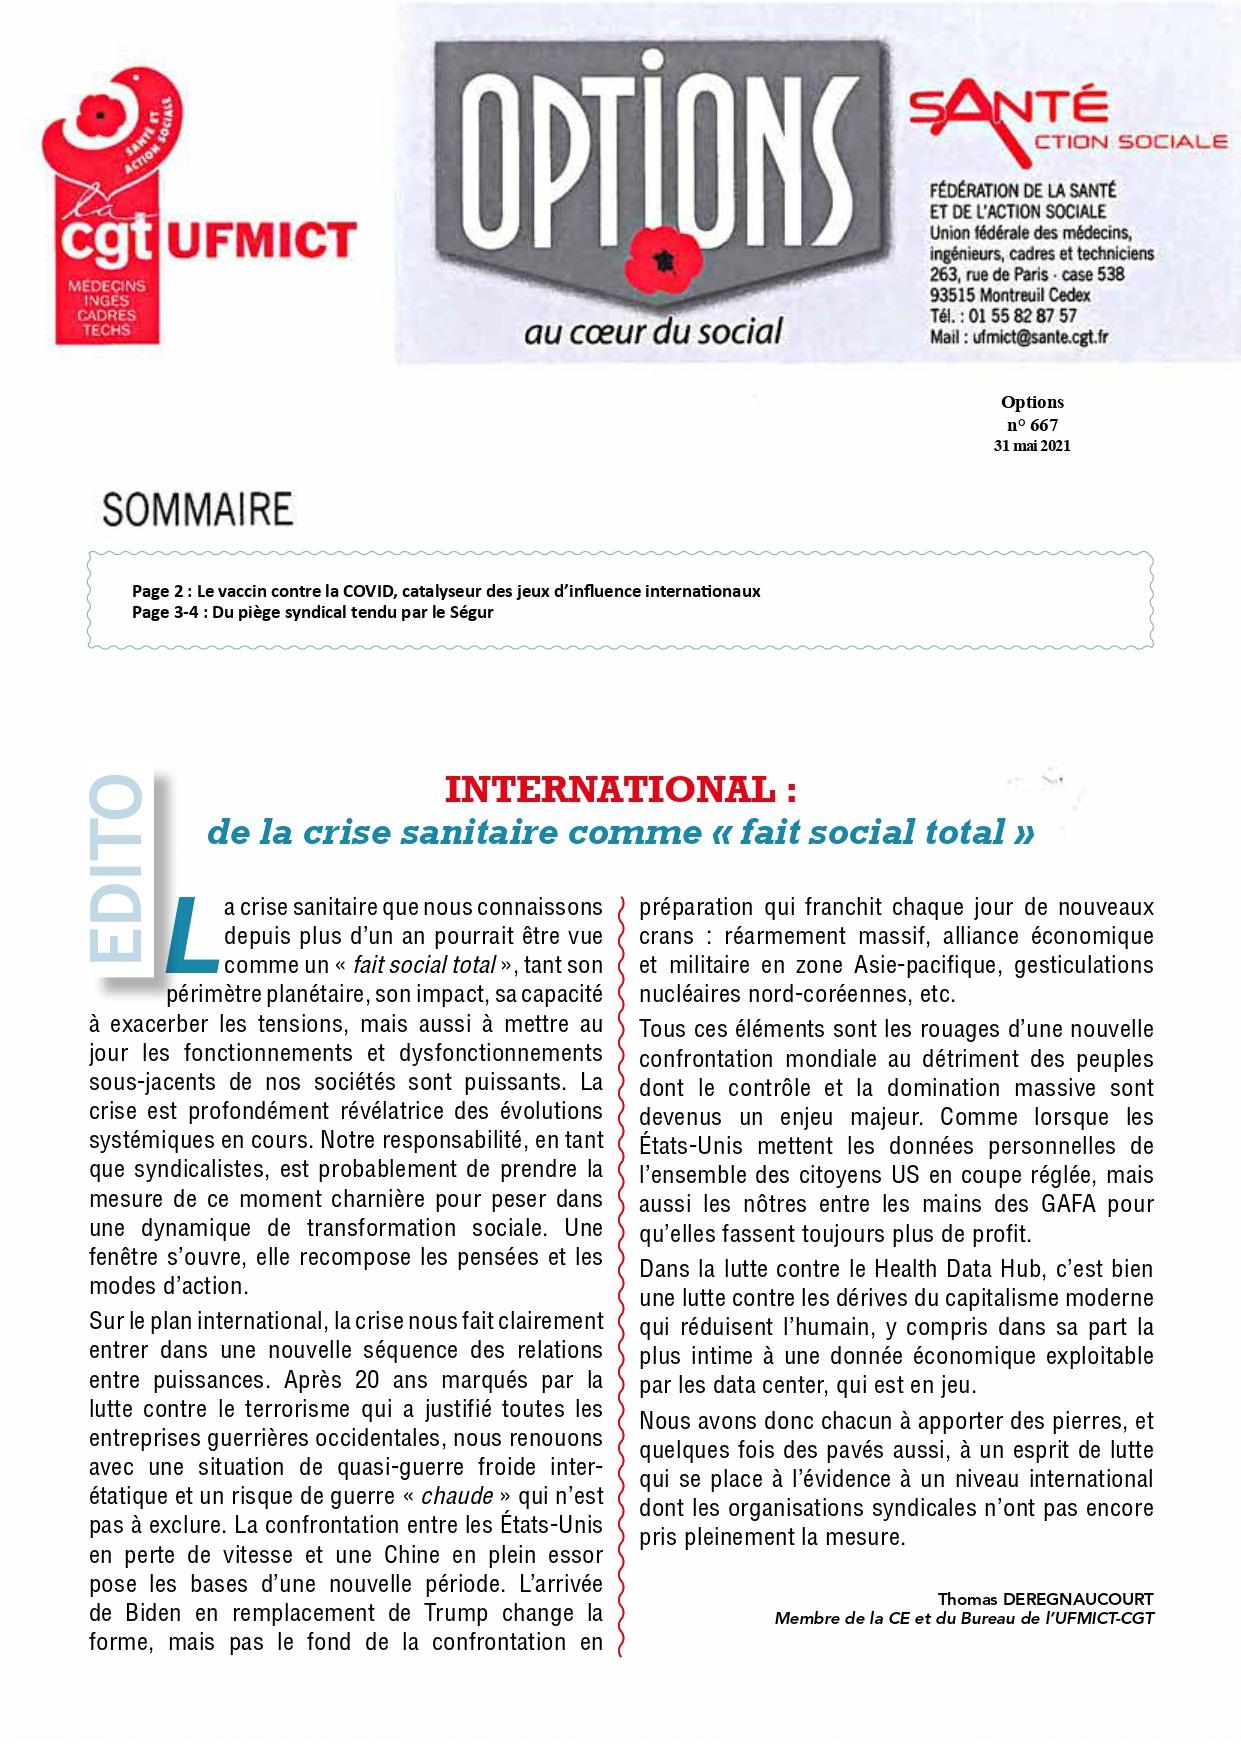 1361. UFMICT CGT Santé Options 667 du 31 mai 2021 (1)